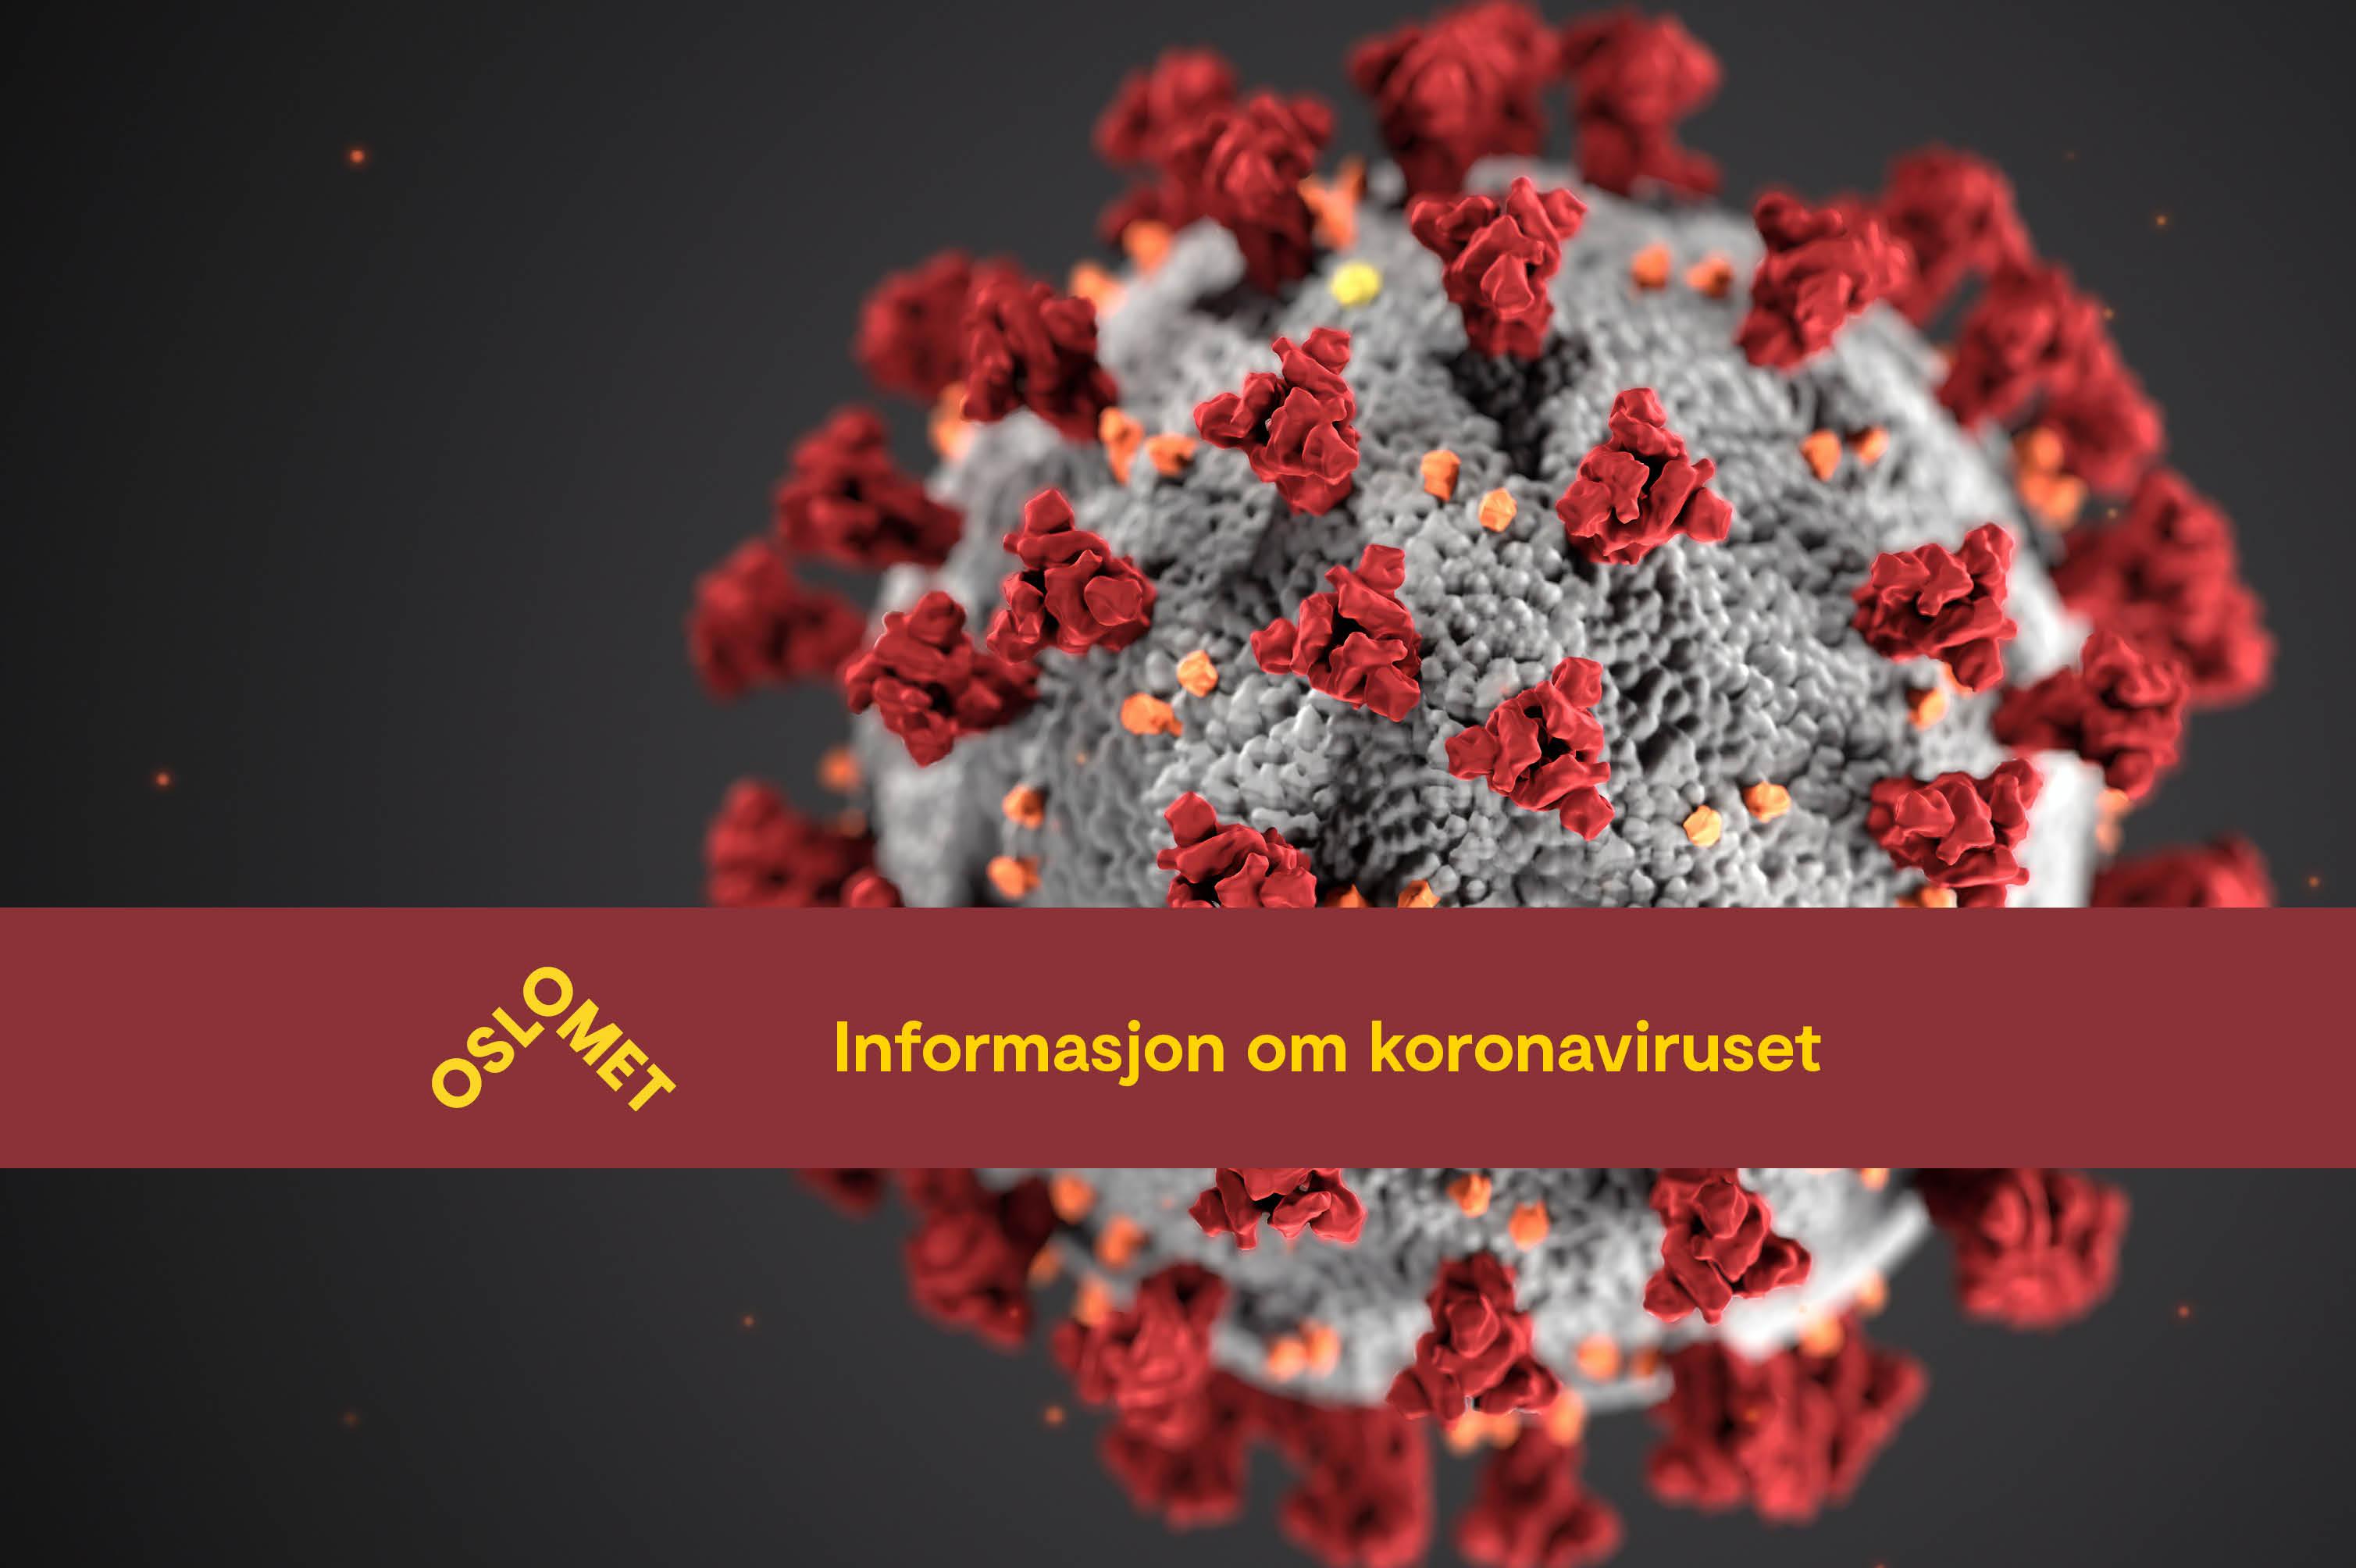 Karantene, testing og varsling om smitte